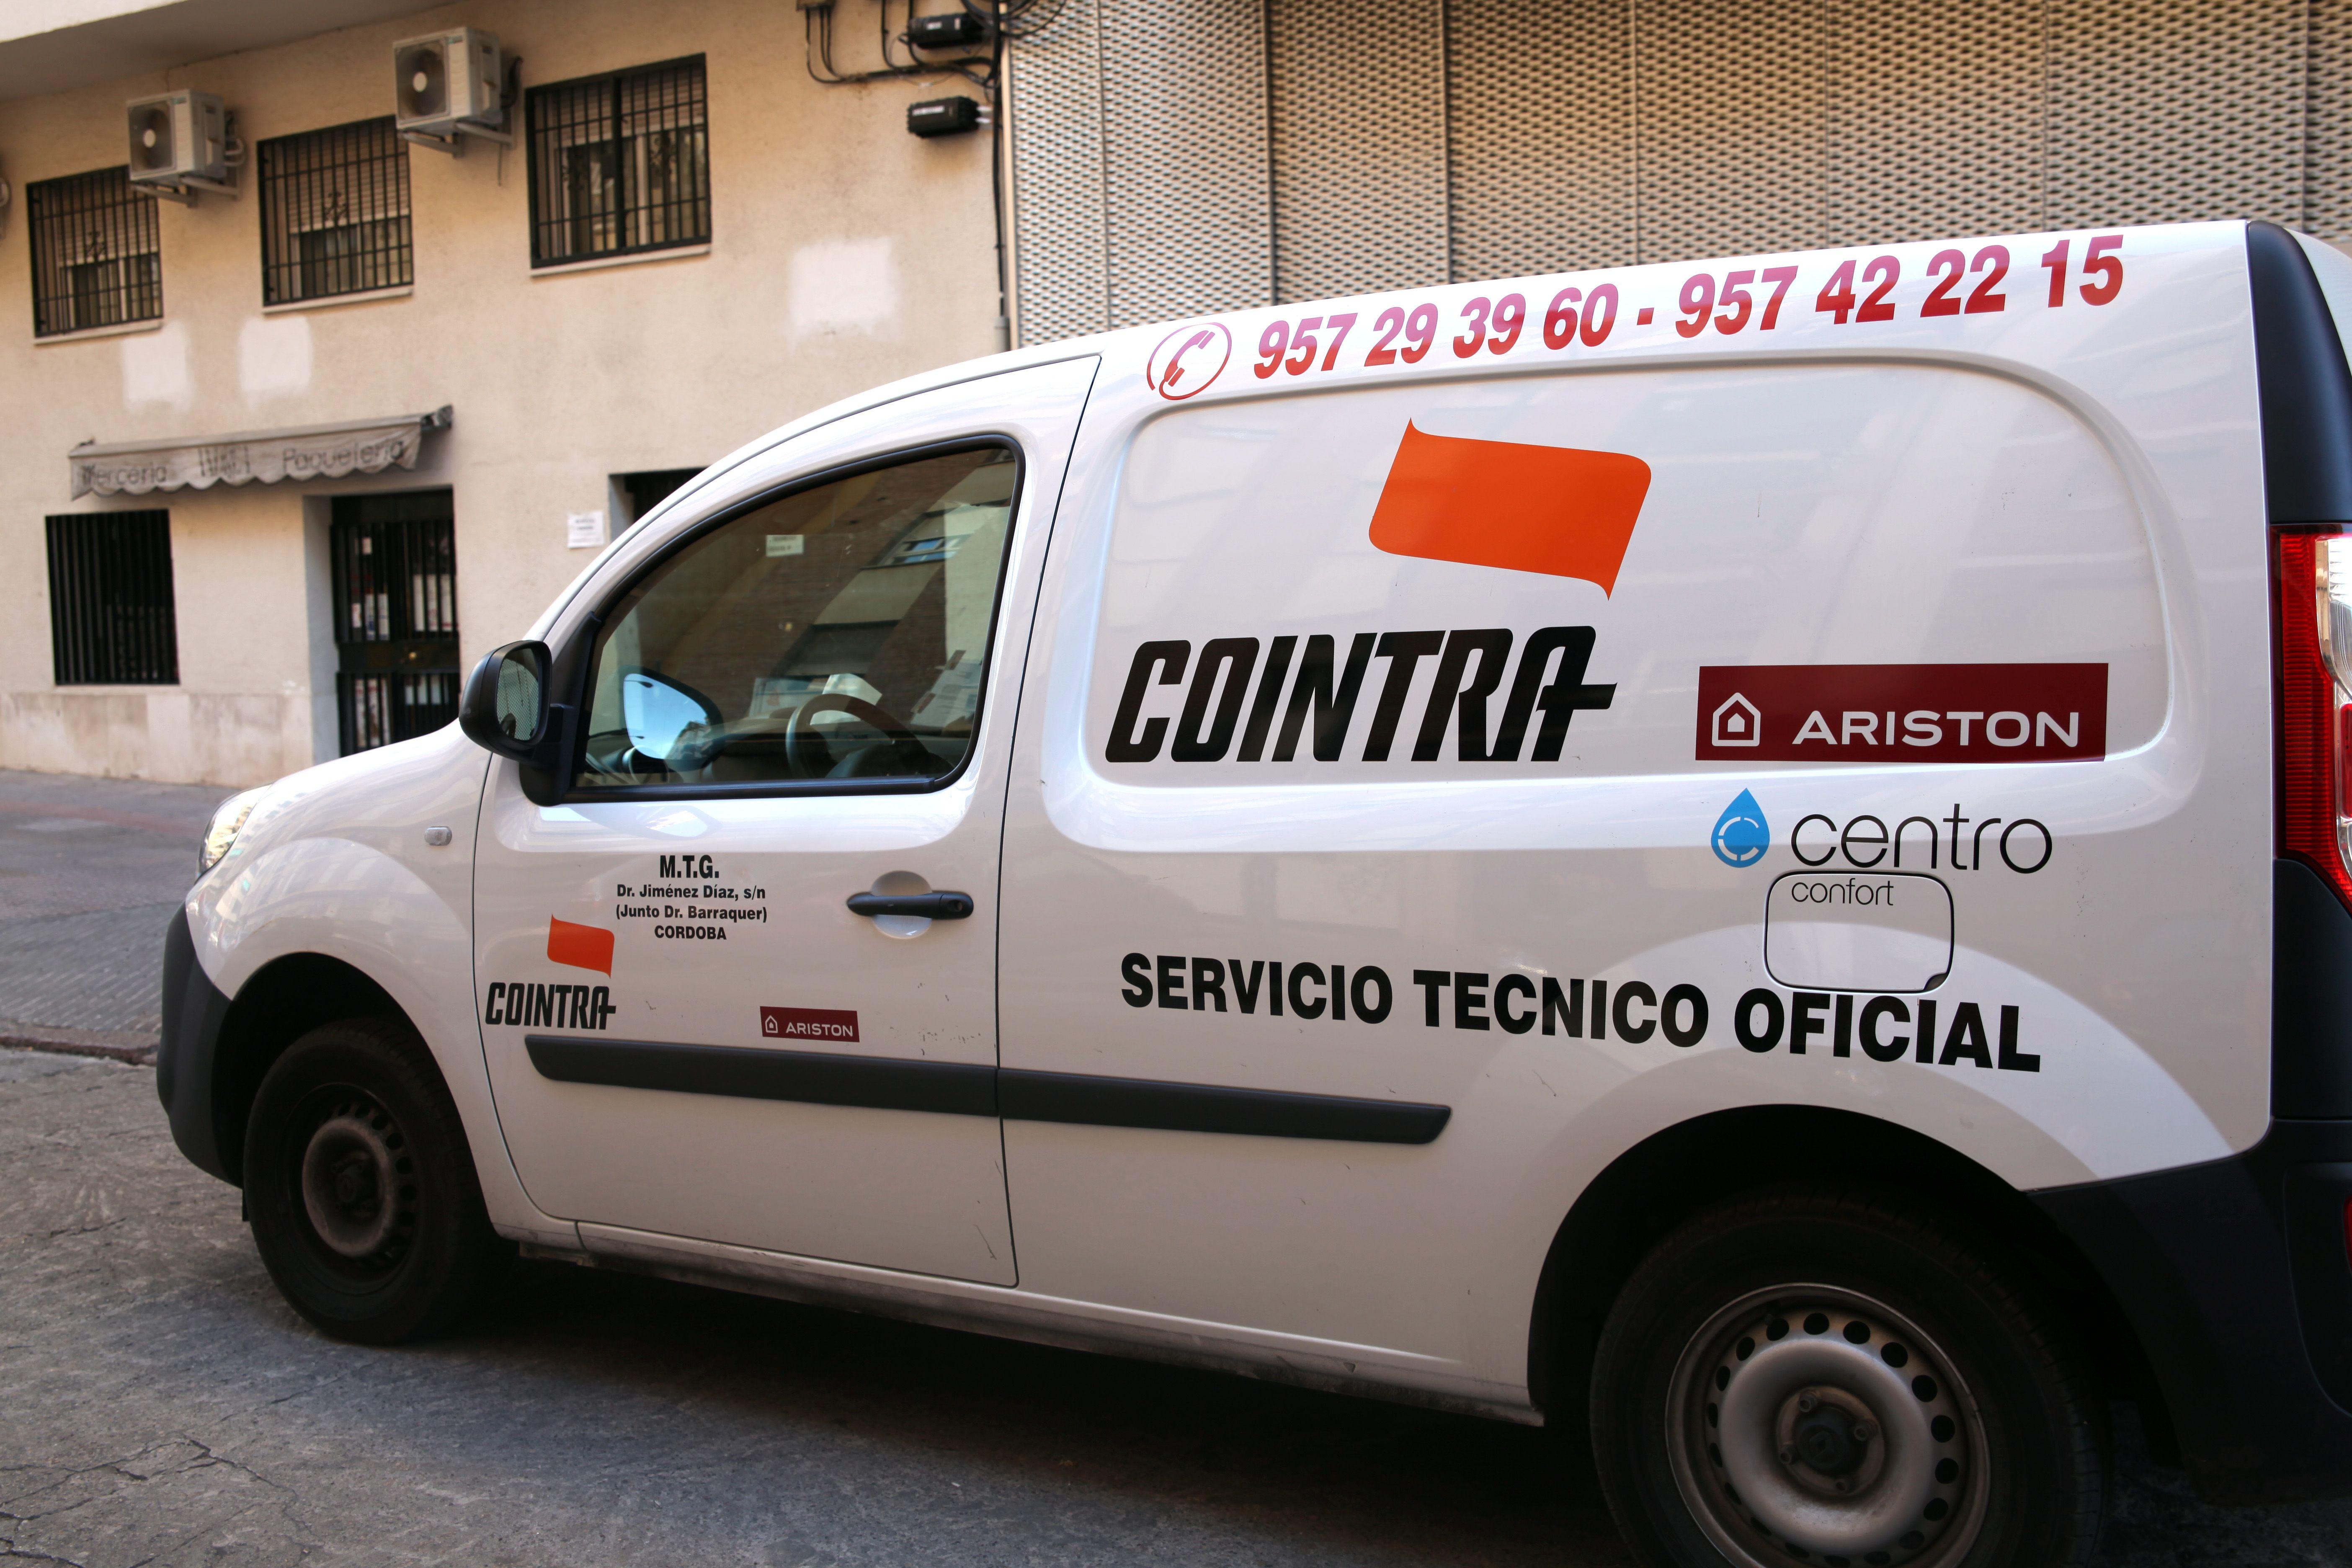 Servicio Técnico Oficial Cointra en Córdoba